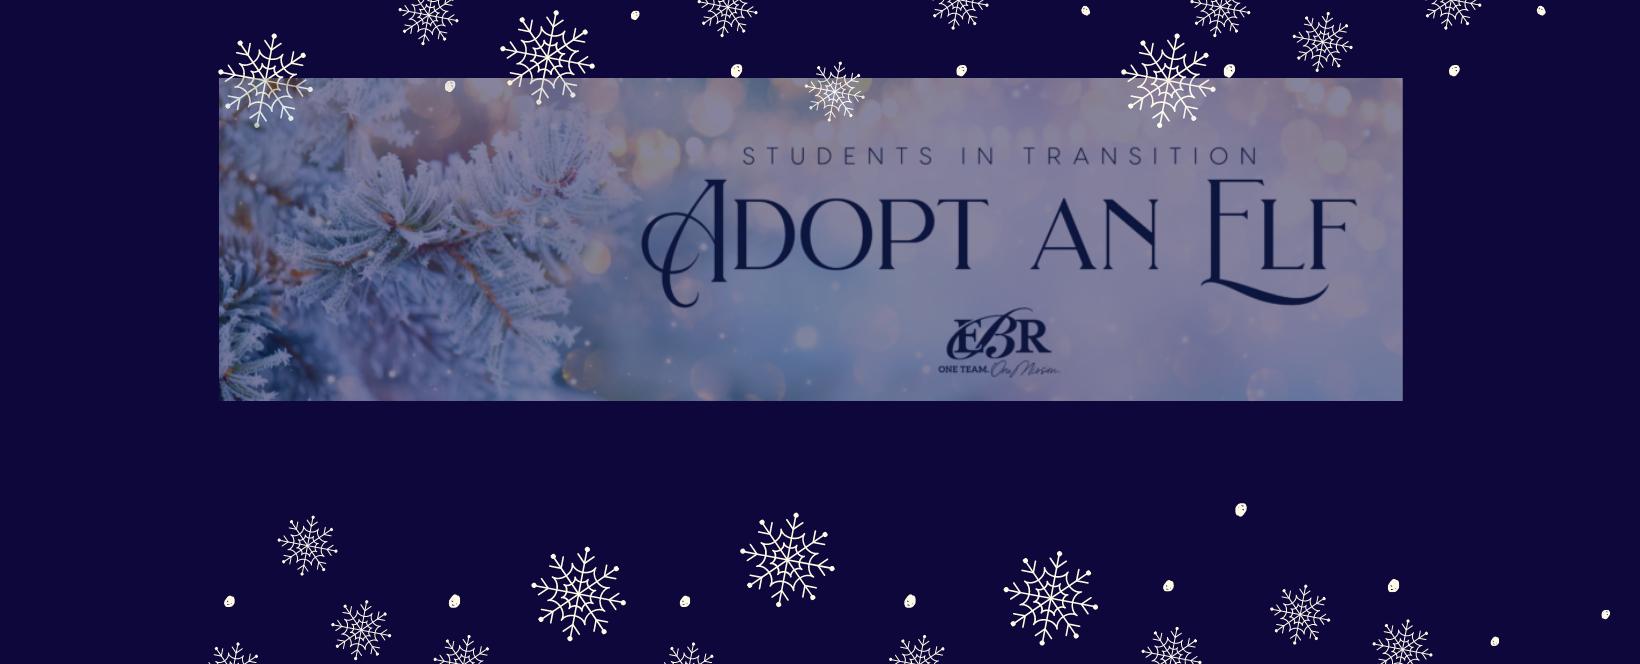 EBRPSS Adopt an Elf